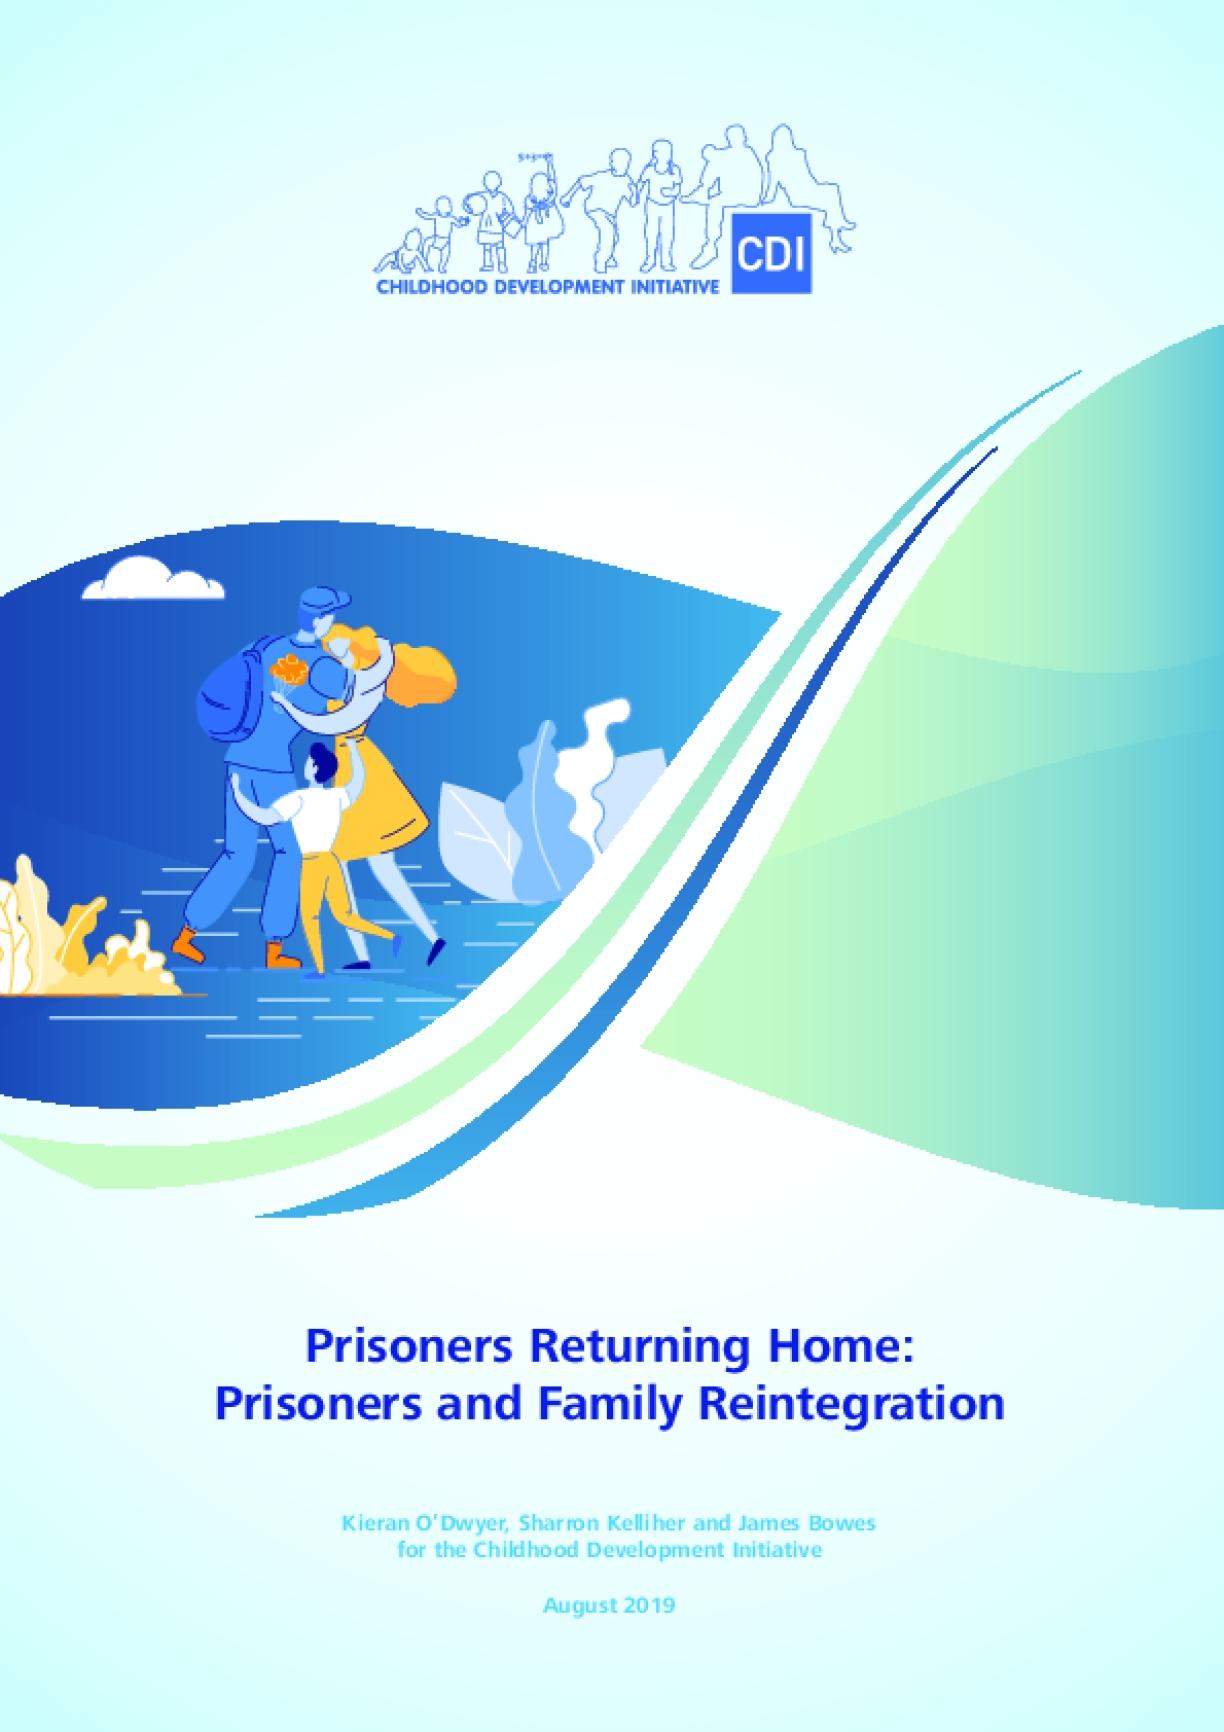 Prisoners Returning Home: Prisoners and Family Reintegration